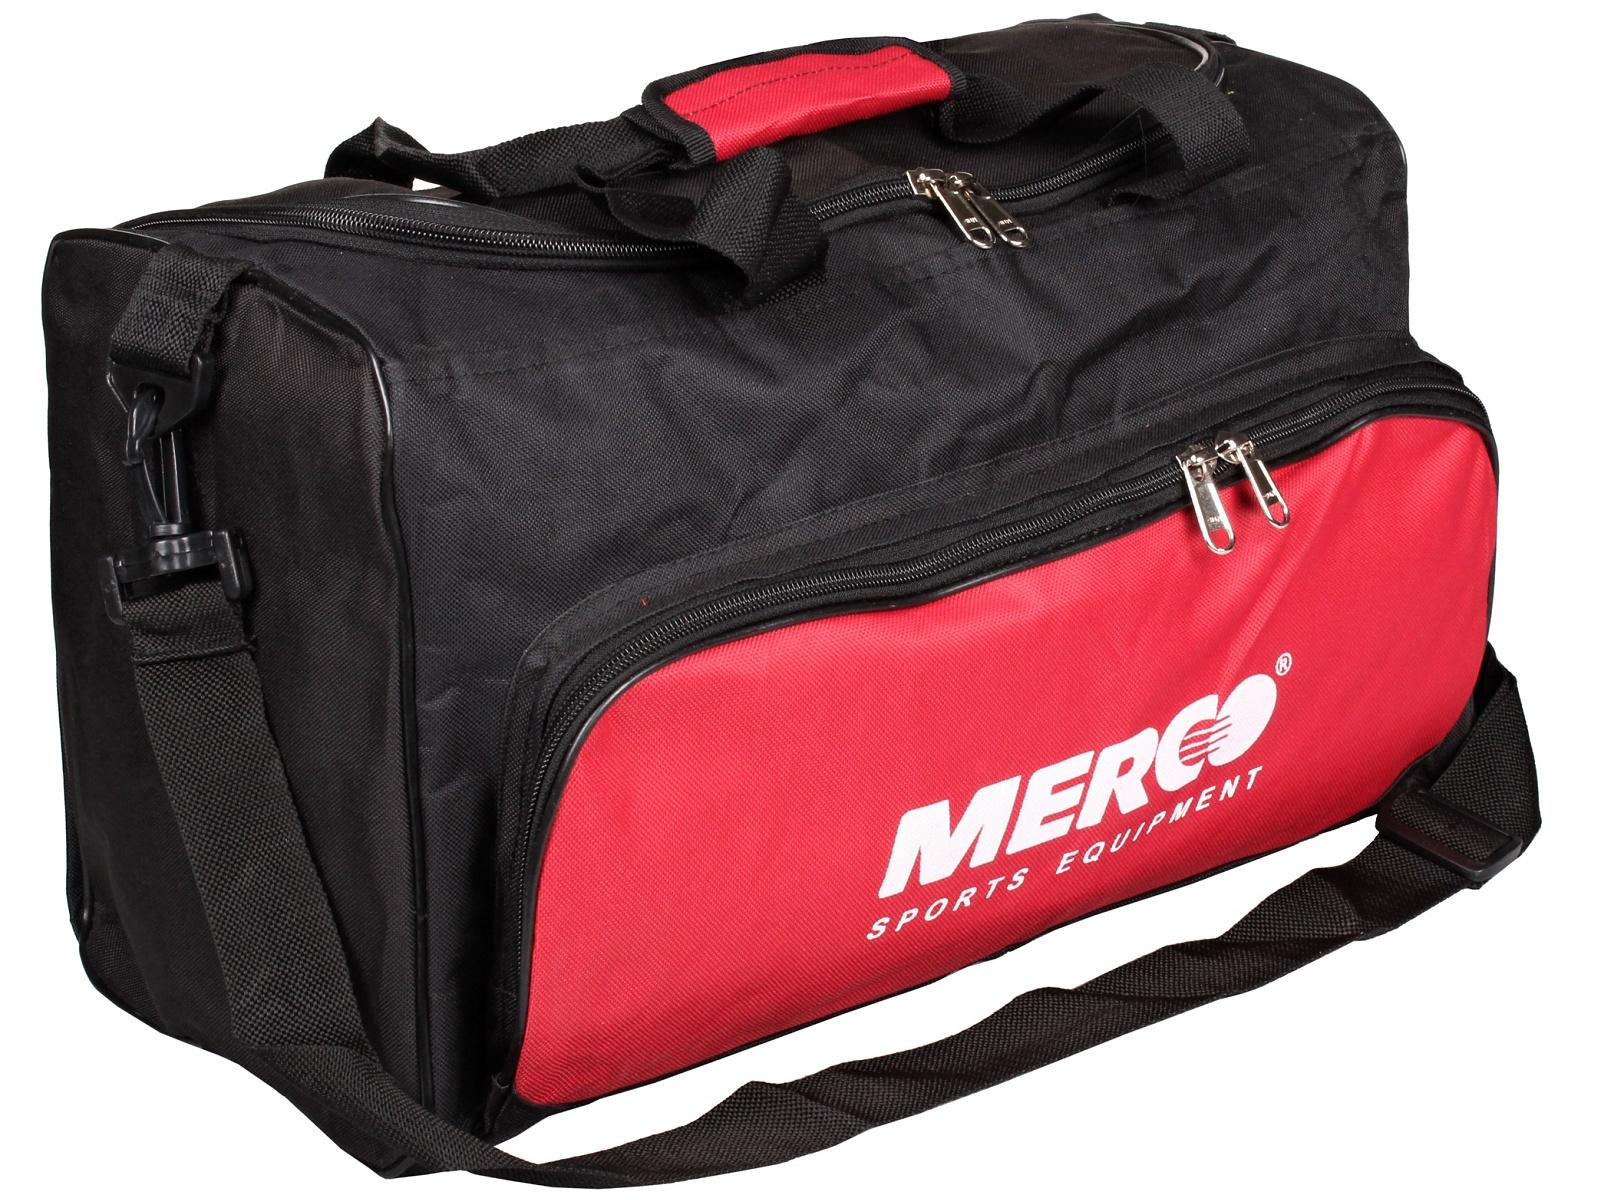 Sportovní taška MERCO 101 23L černá-červená